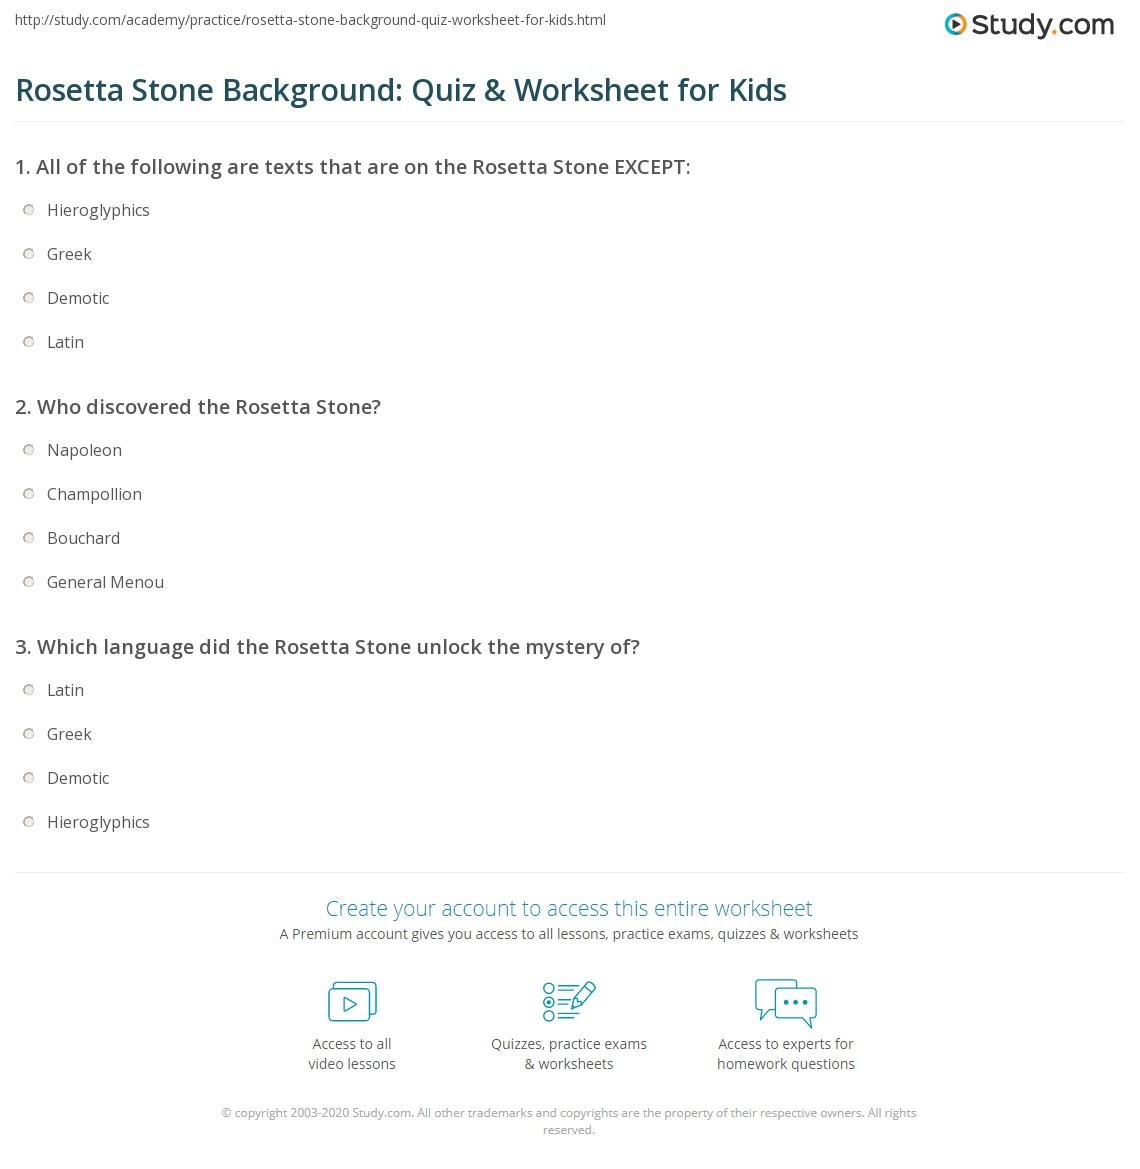 Rosetta Stone Background Quiz Amp Worksheet For Kids